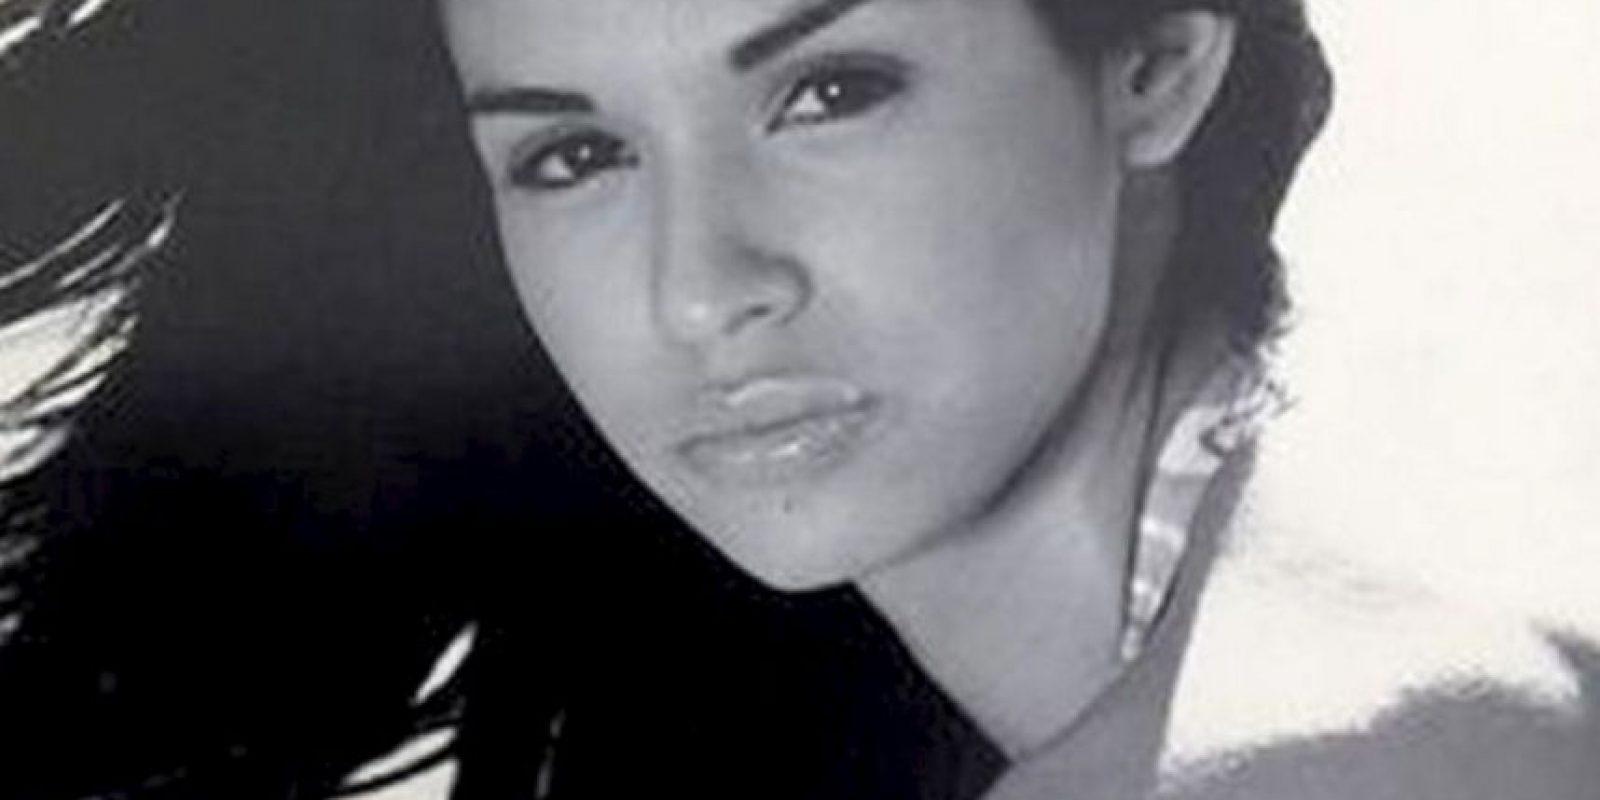 11 mujeres que fueron conquistadas por narcotraficantes La joven mexicana obtuvo el título Miss Sinaloa 2008. Foto:twitter.com/huizarlaura